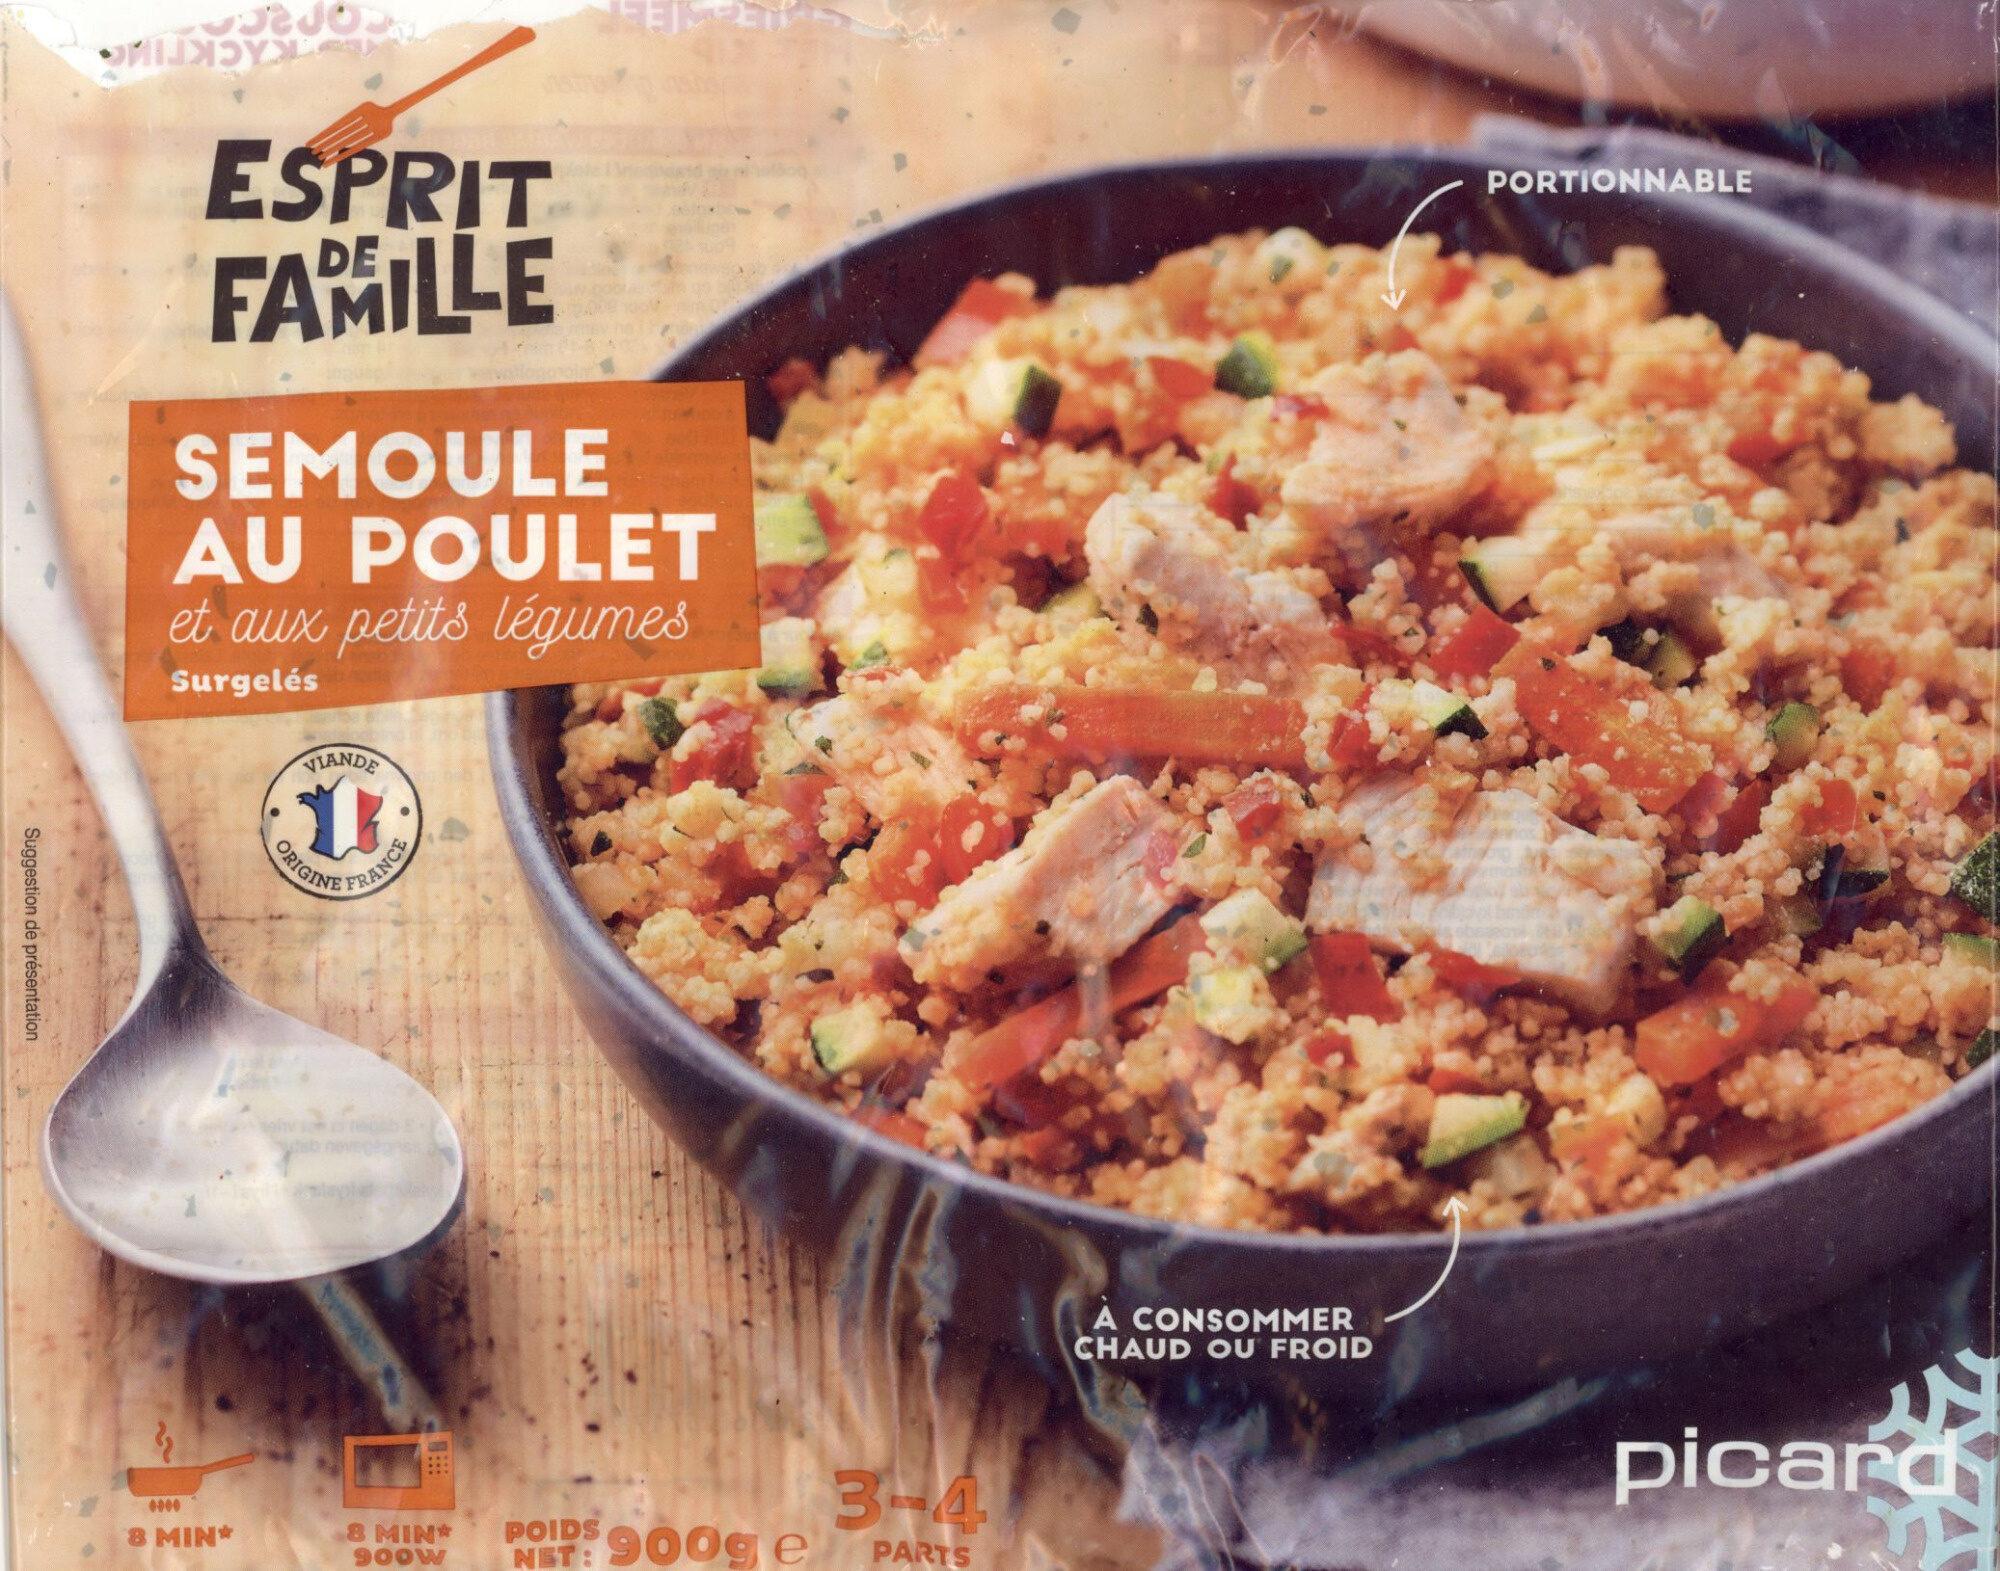 Semoule au poulet et petite légumes - Produit - fr